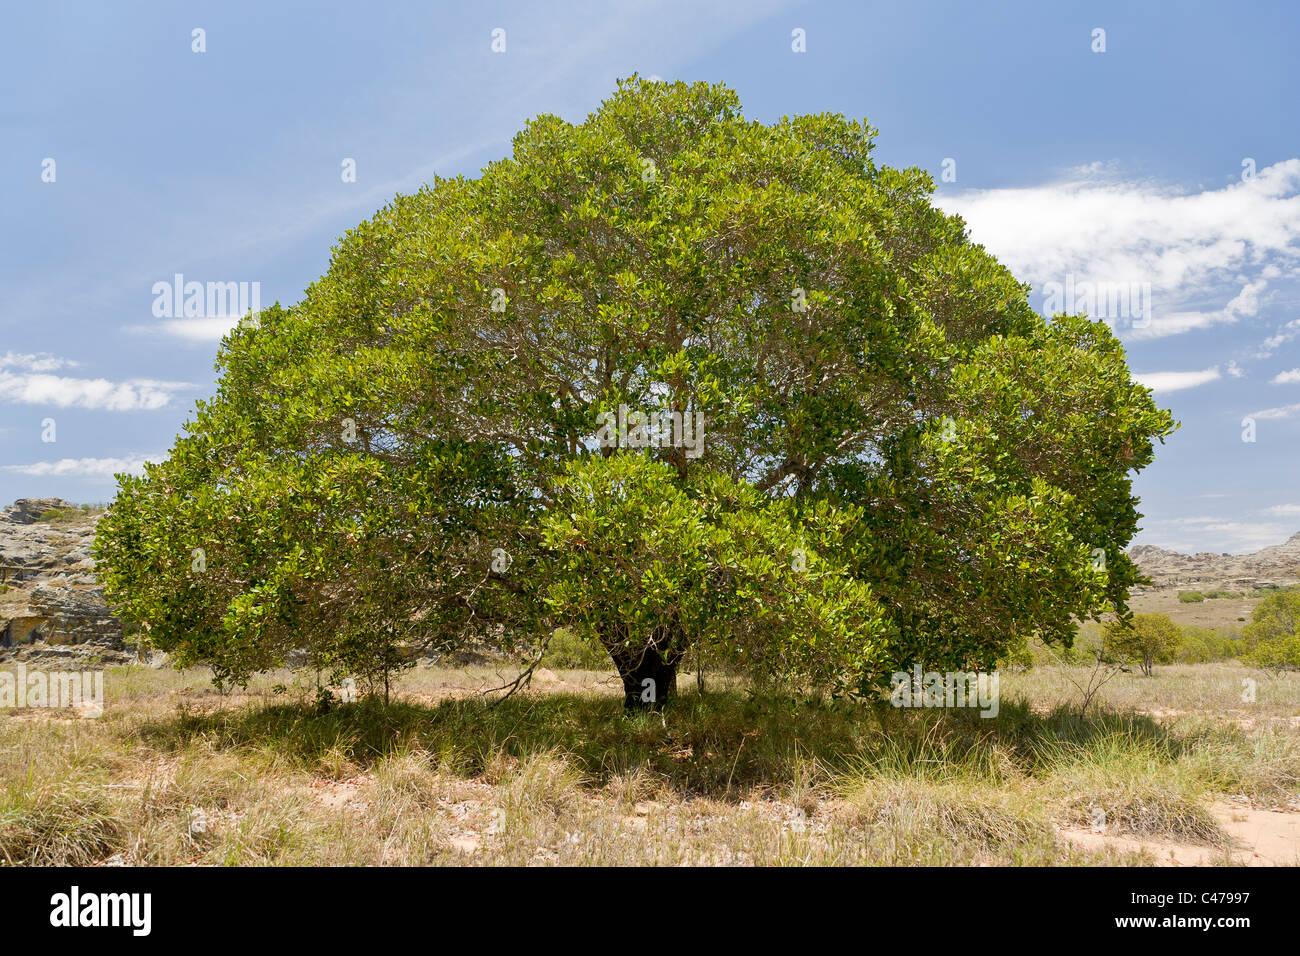 Tapia tree, Isalo National Park, Madagascar - Stock Image